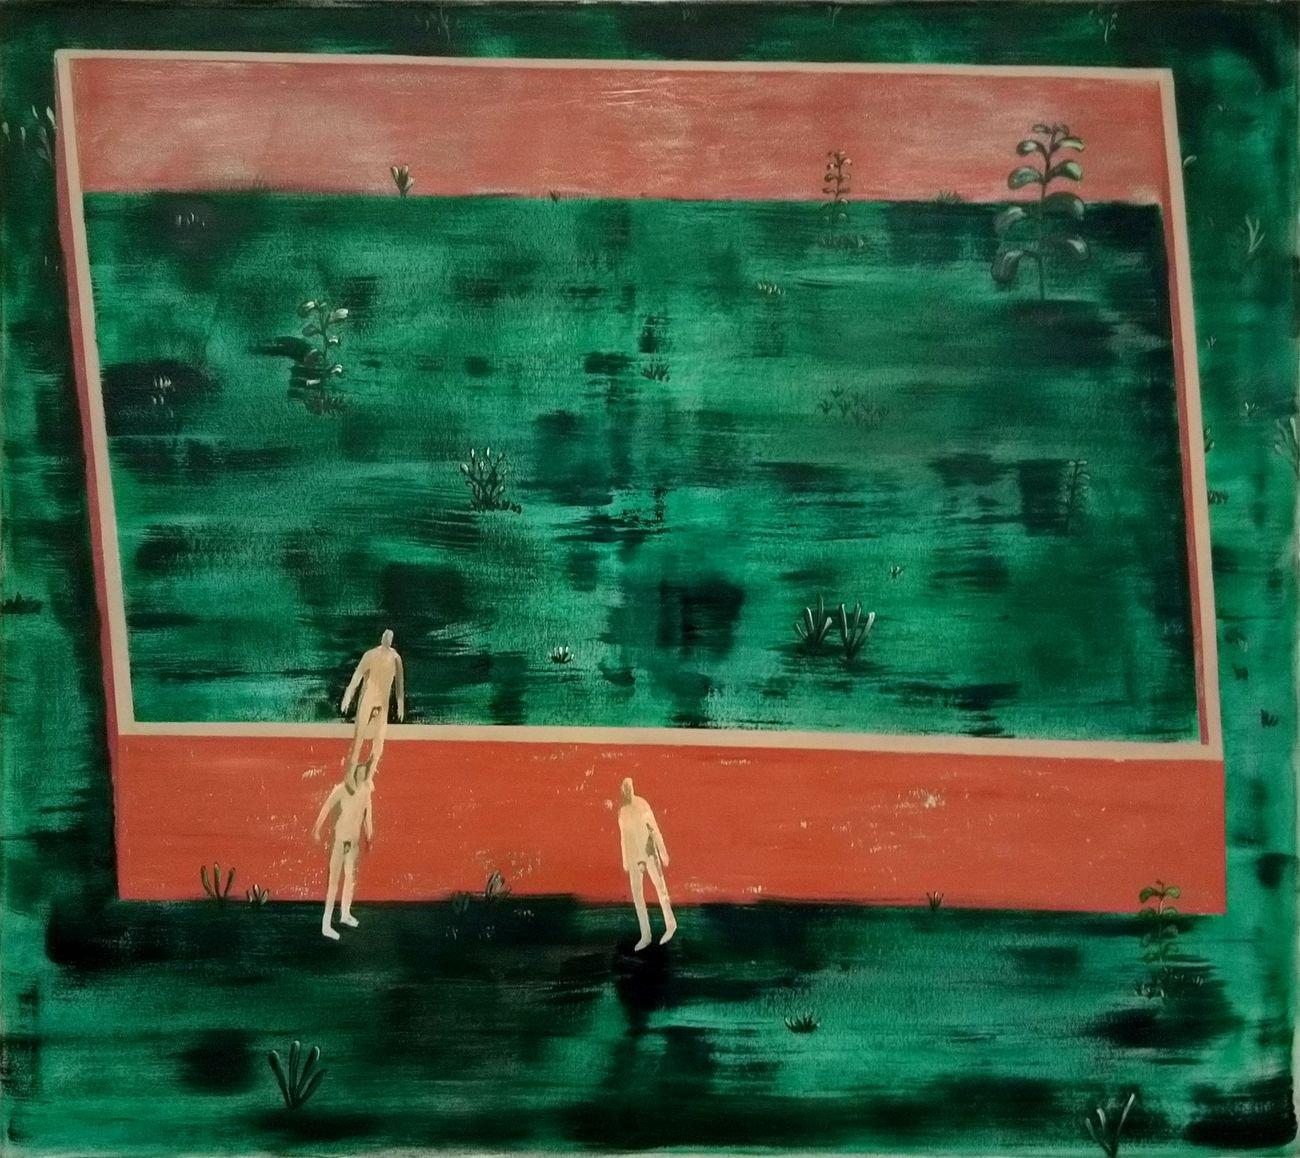 Andrea Barzaghi, Giardino privato, 2018, olio su tela, 110x125 cm